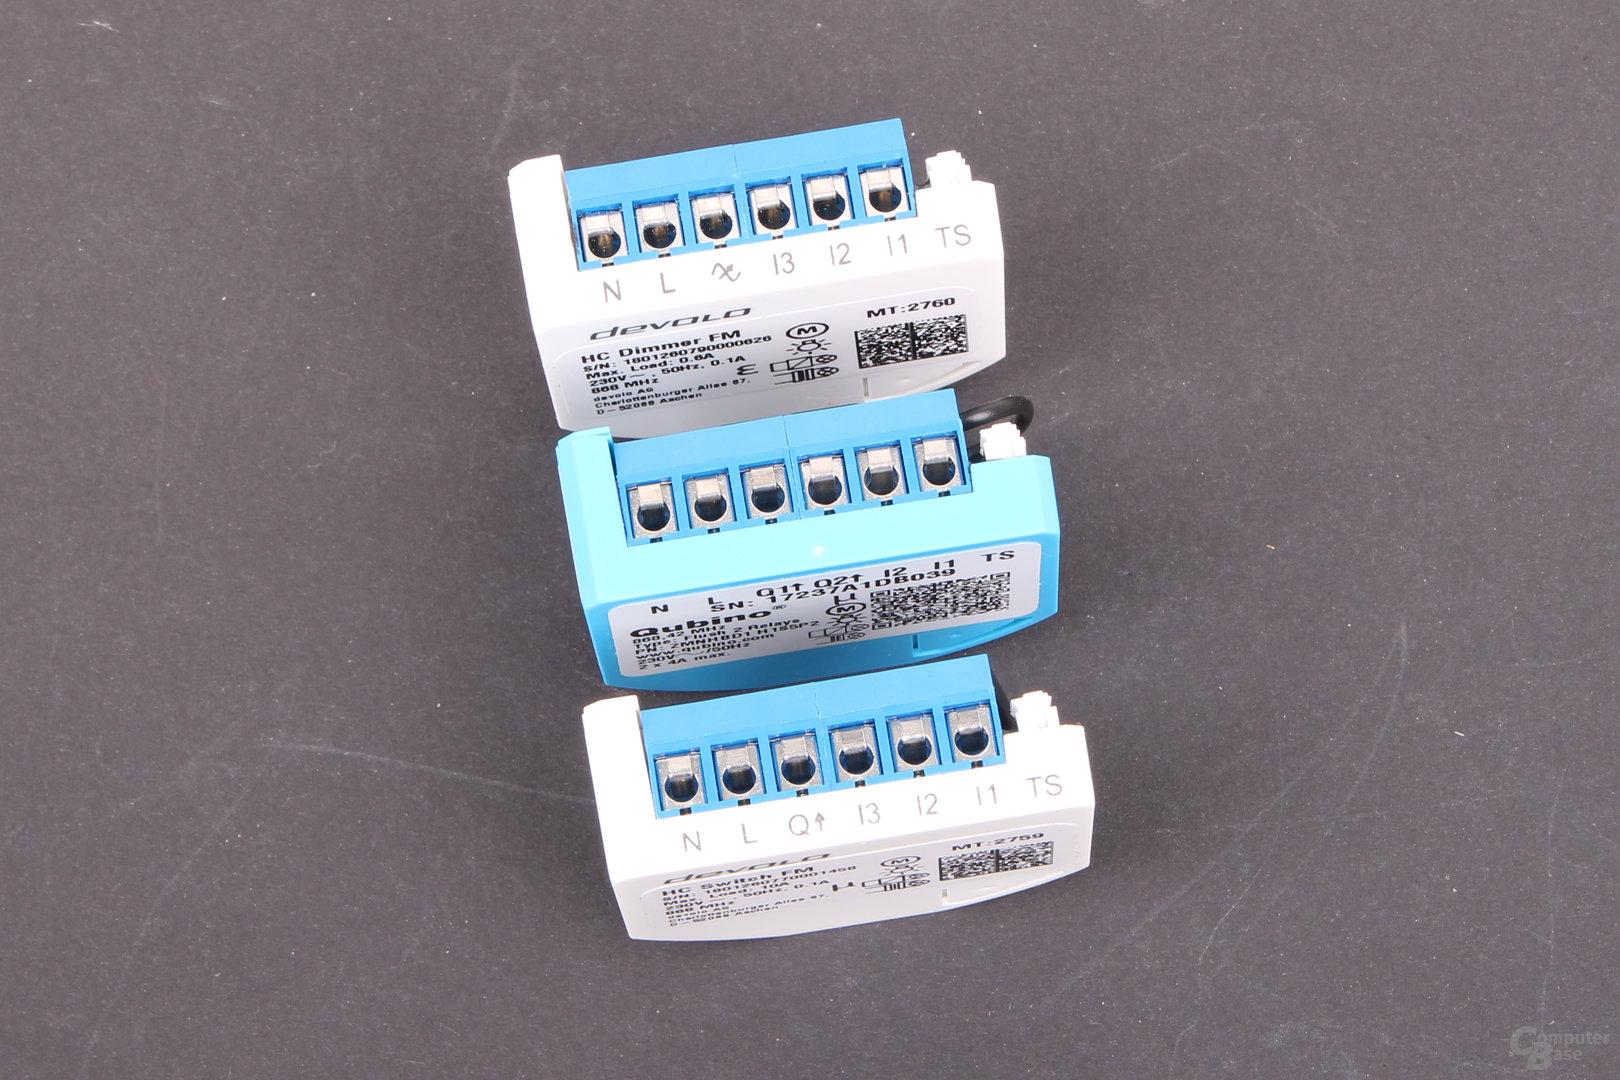 Qubino Flush 2 Relay und Devolo Home Control Schalter & Dimmer